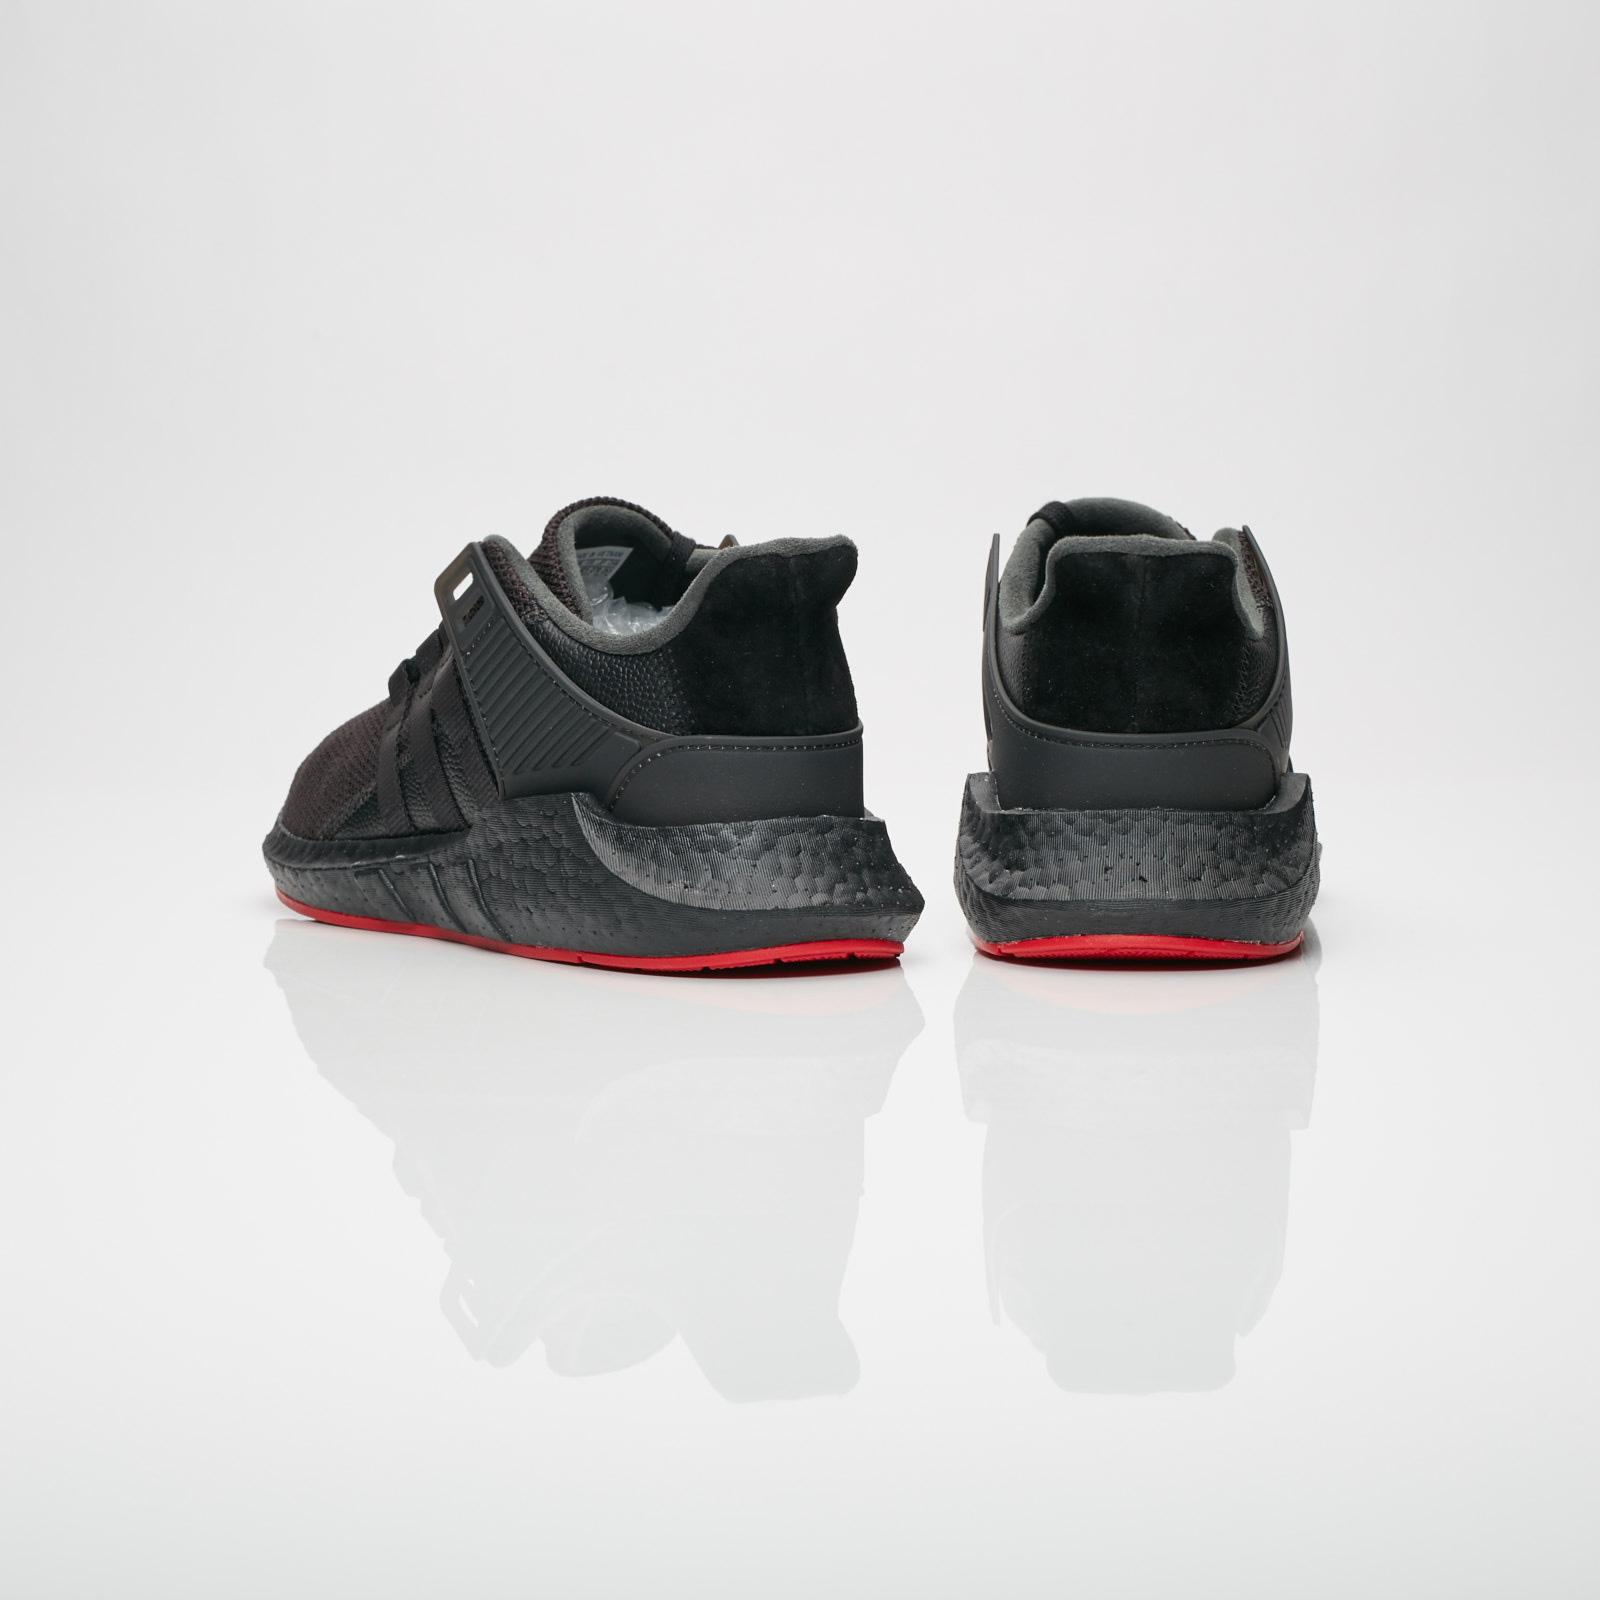 super popular ad2c5 89d2e ... adidas Originals EQT Support 9317 ...